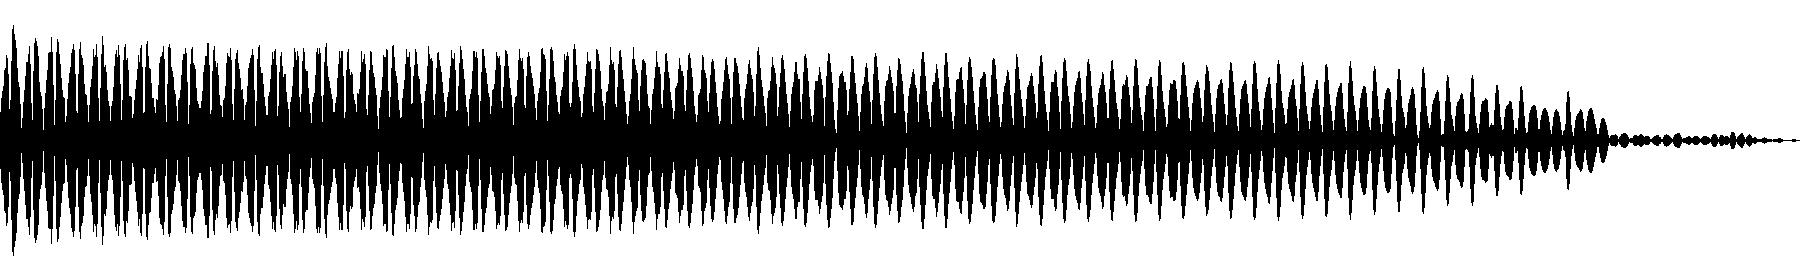 gia sound 26 c4